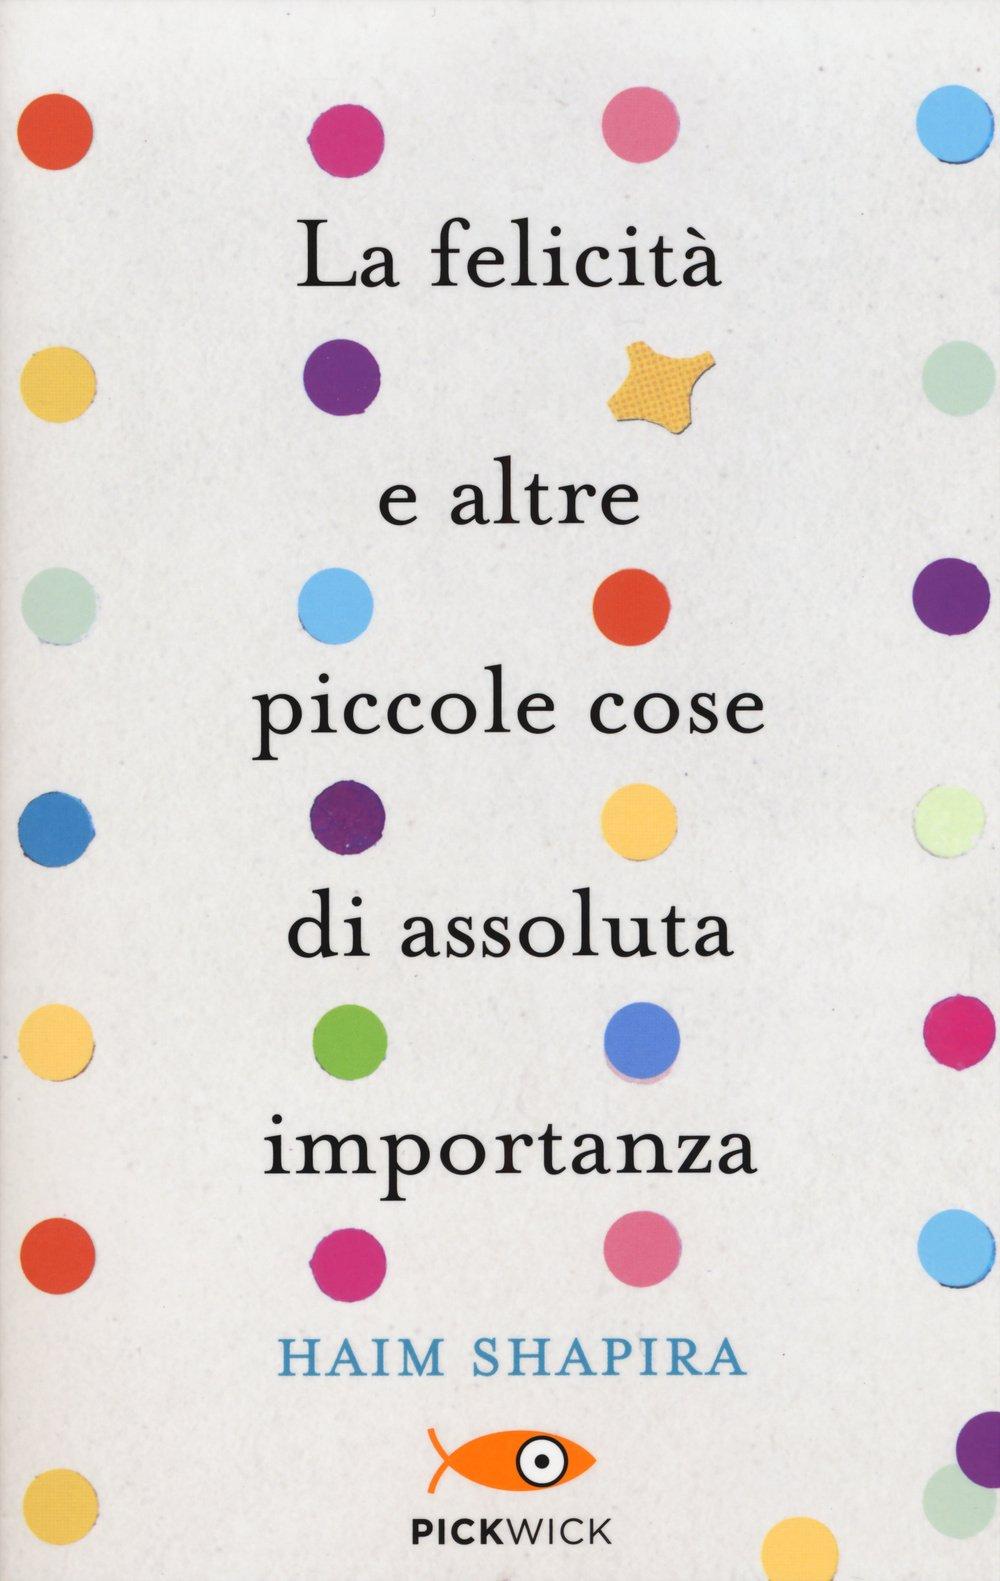 Copertina Libro La felicità e altre piccole cose di assoluta importanza